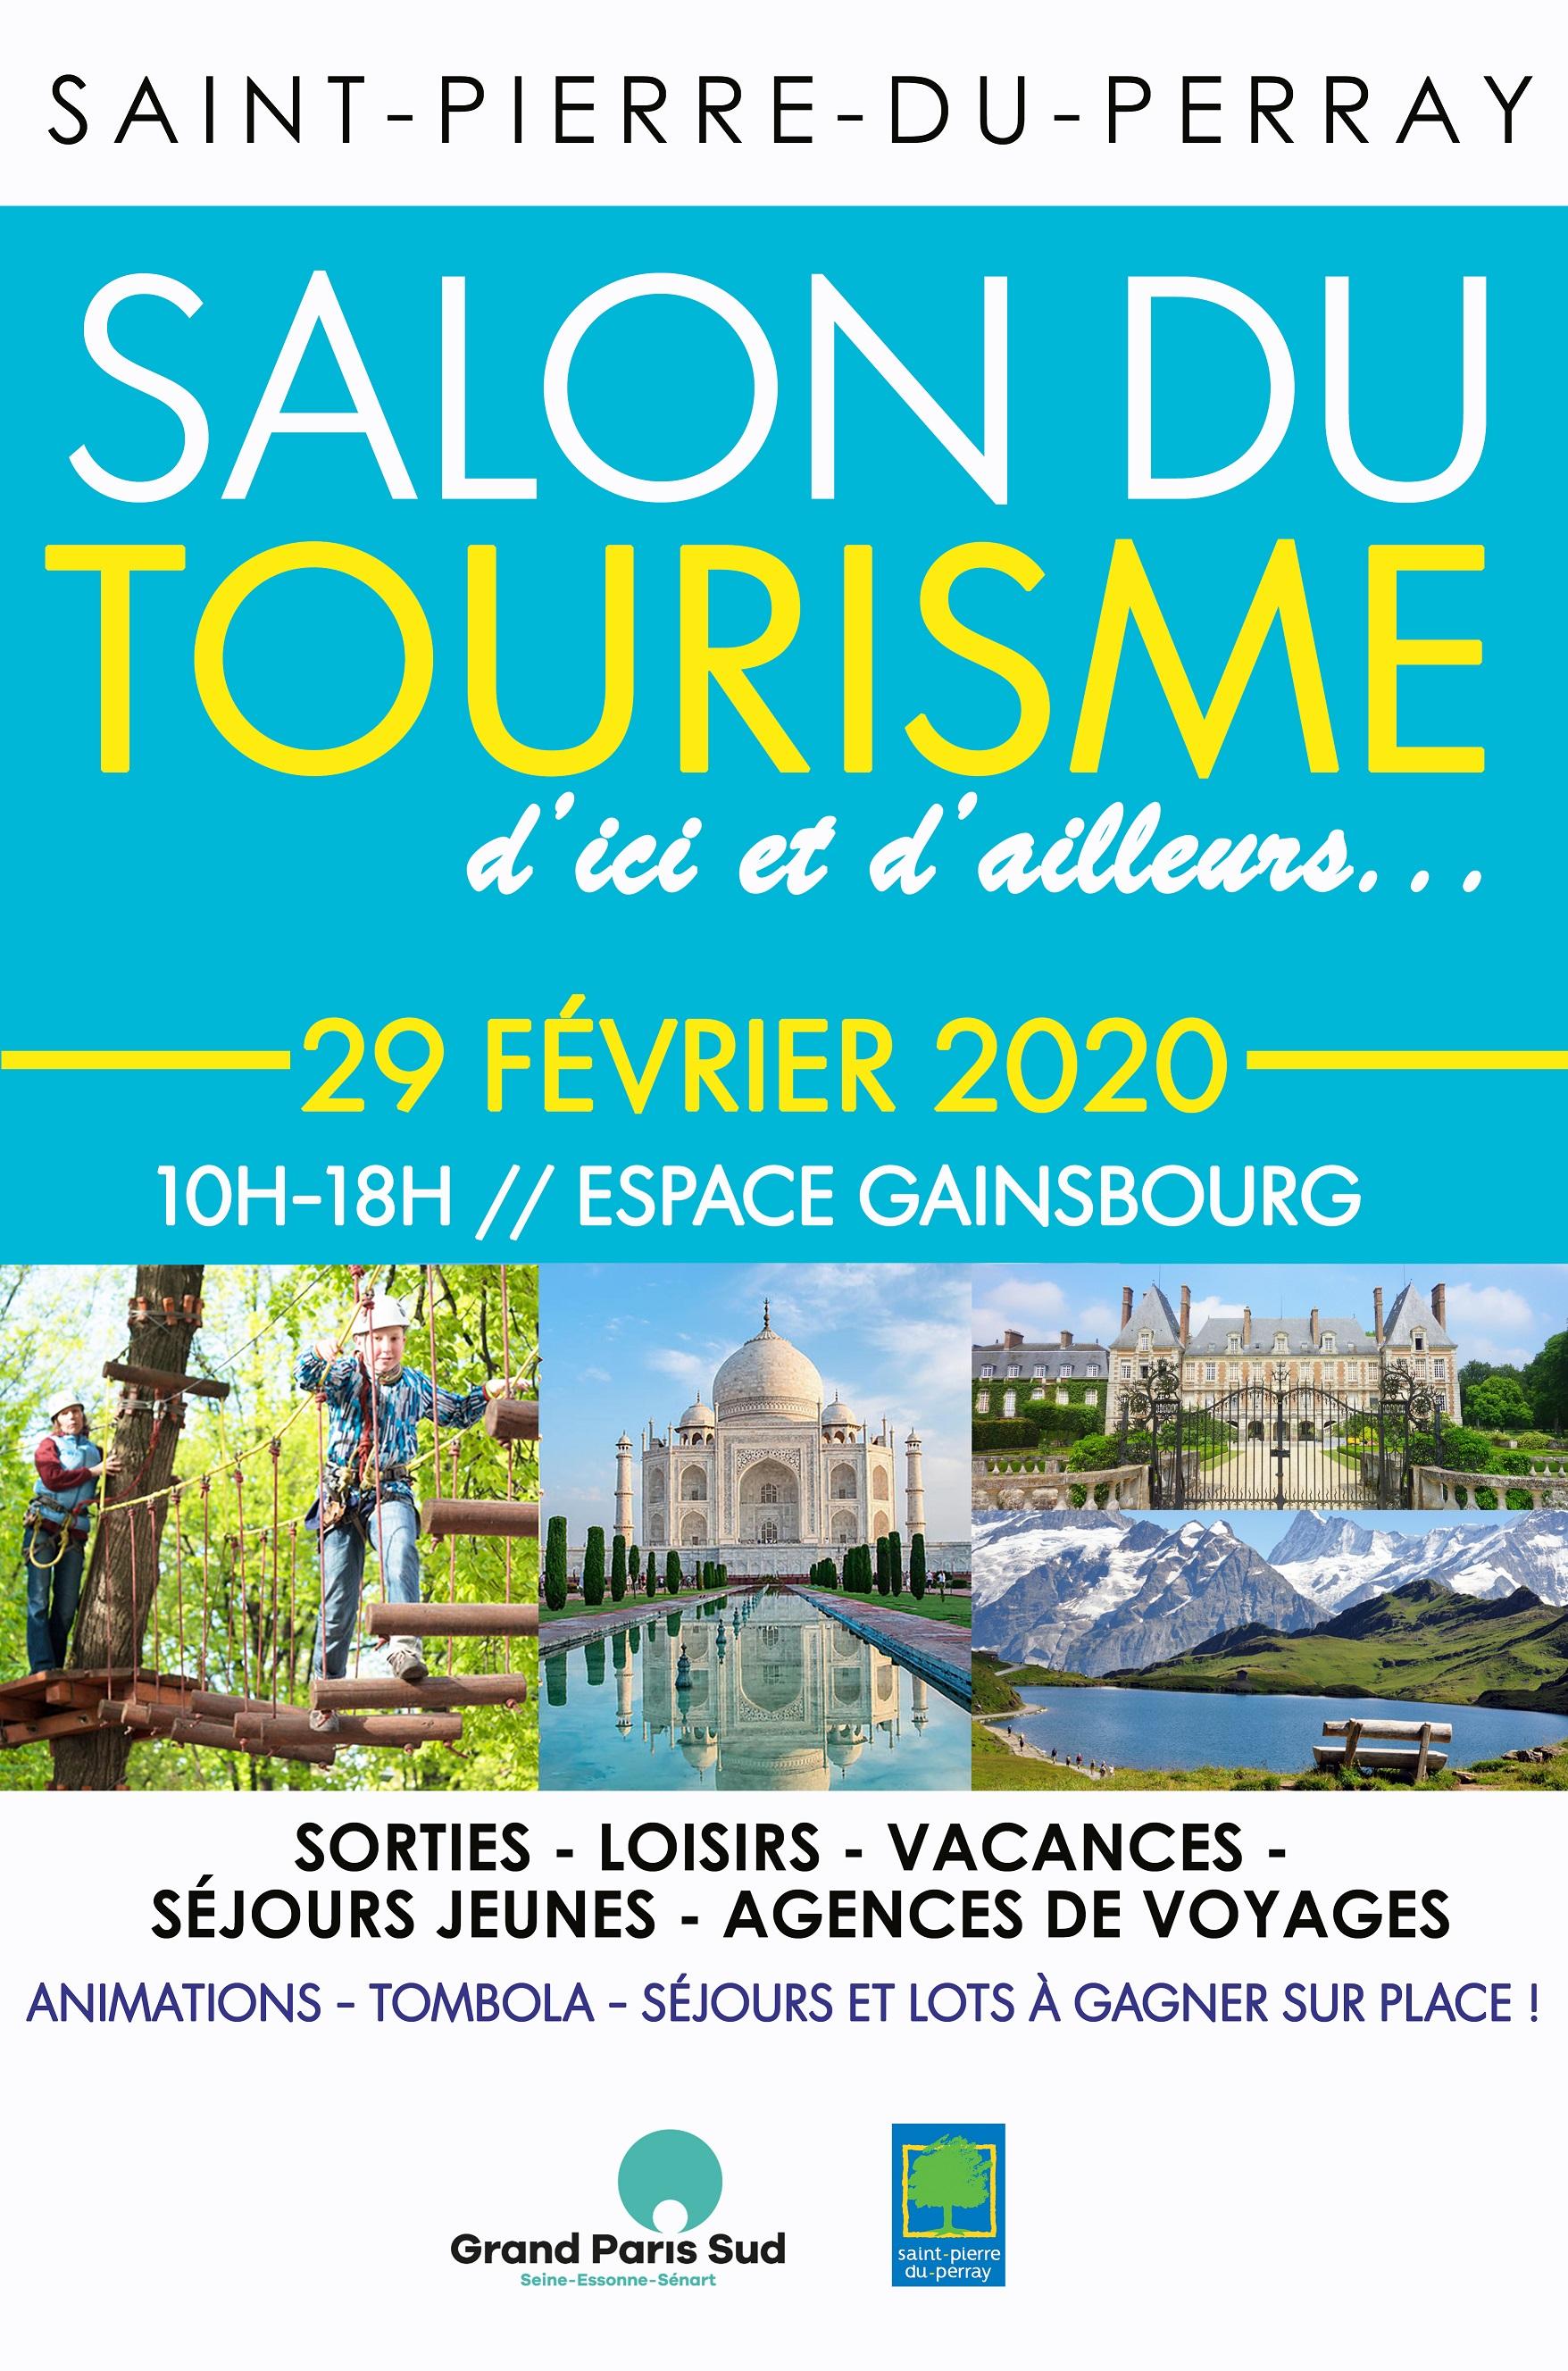 Salon du tourisme le 29 février 2020